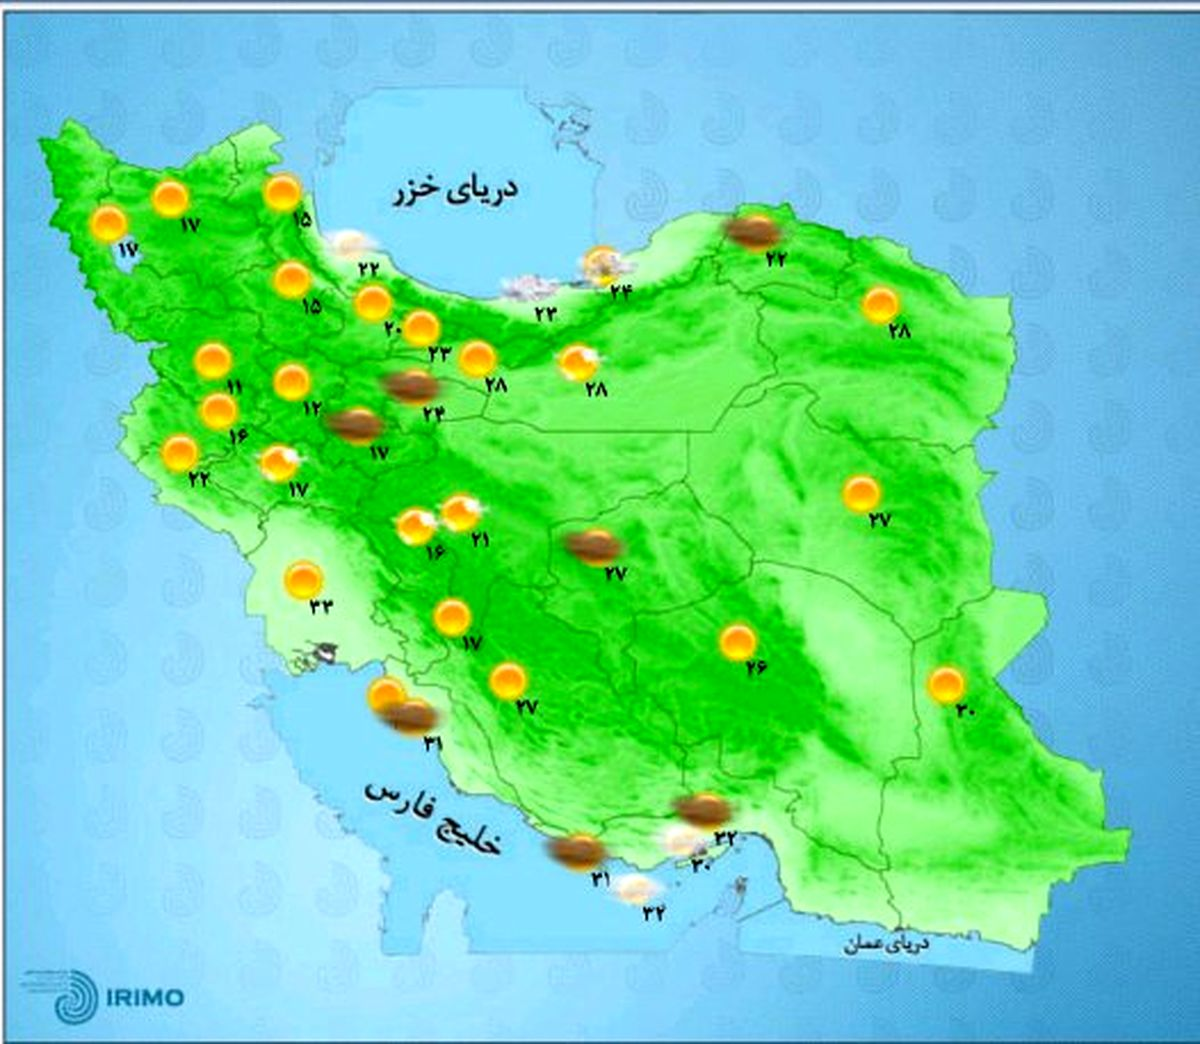 پیشبینی رگبار و رعد برق در استانهای غربی +نقشه